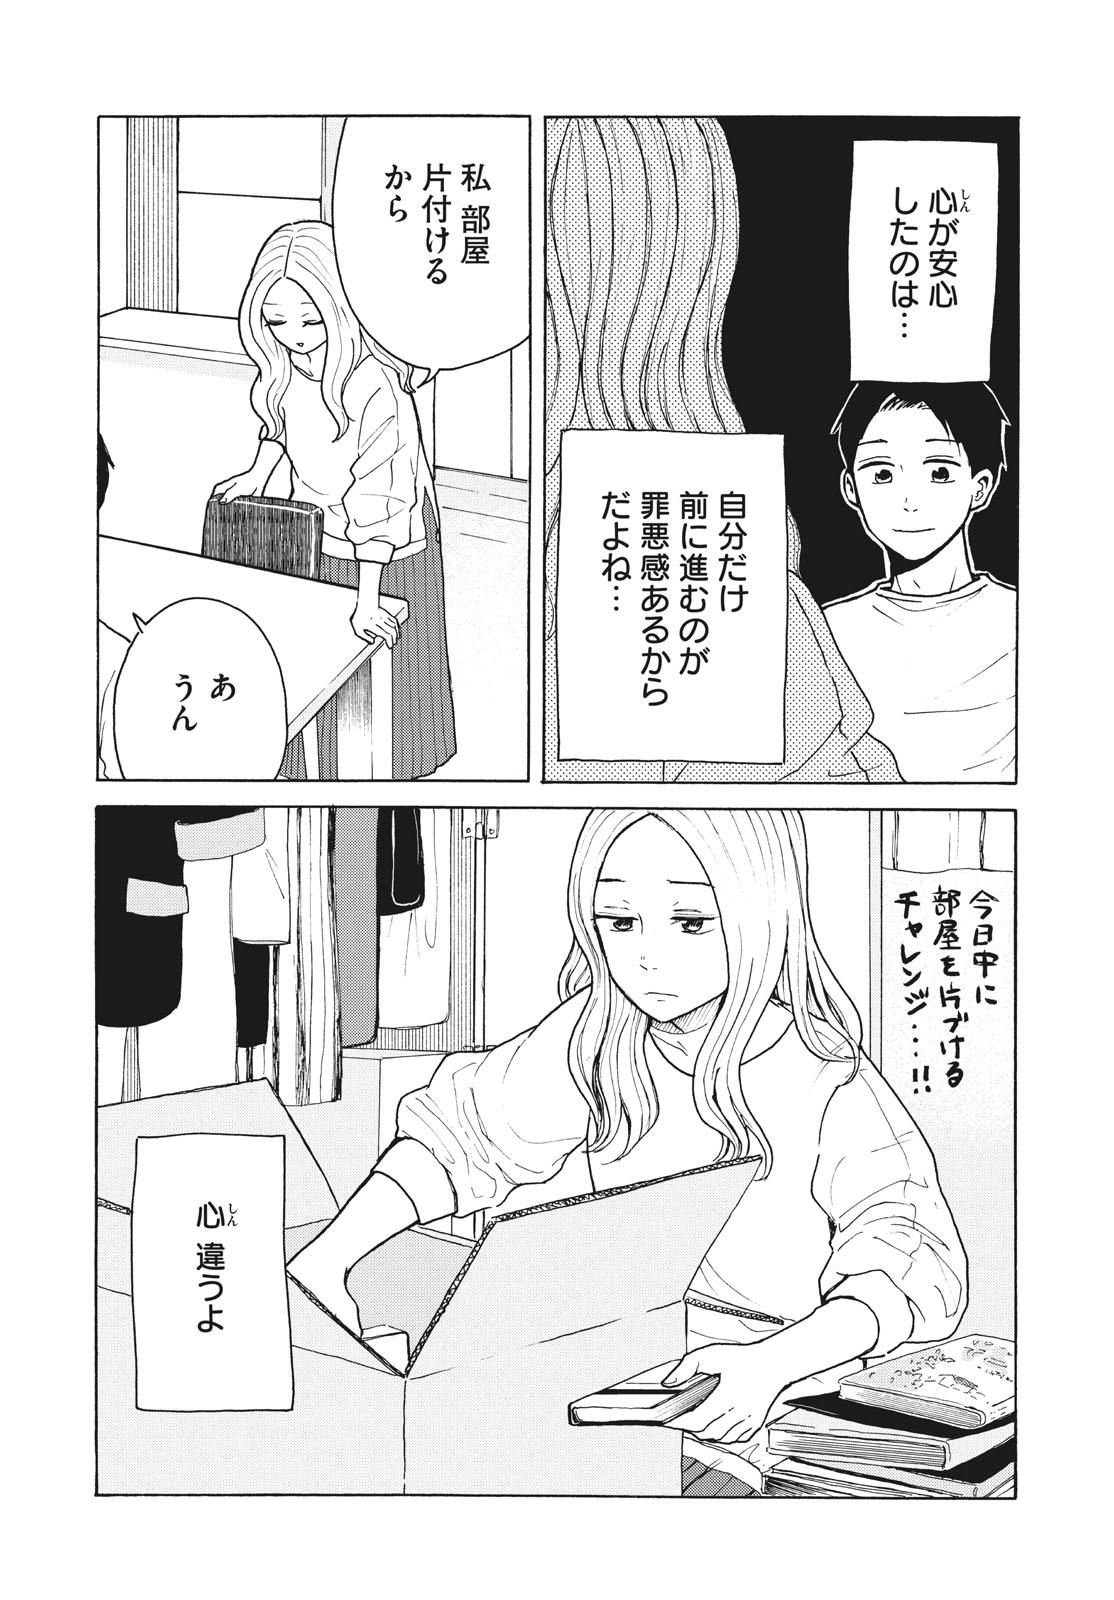 009_30日_2020_014_E.jpg